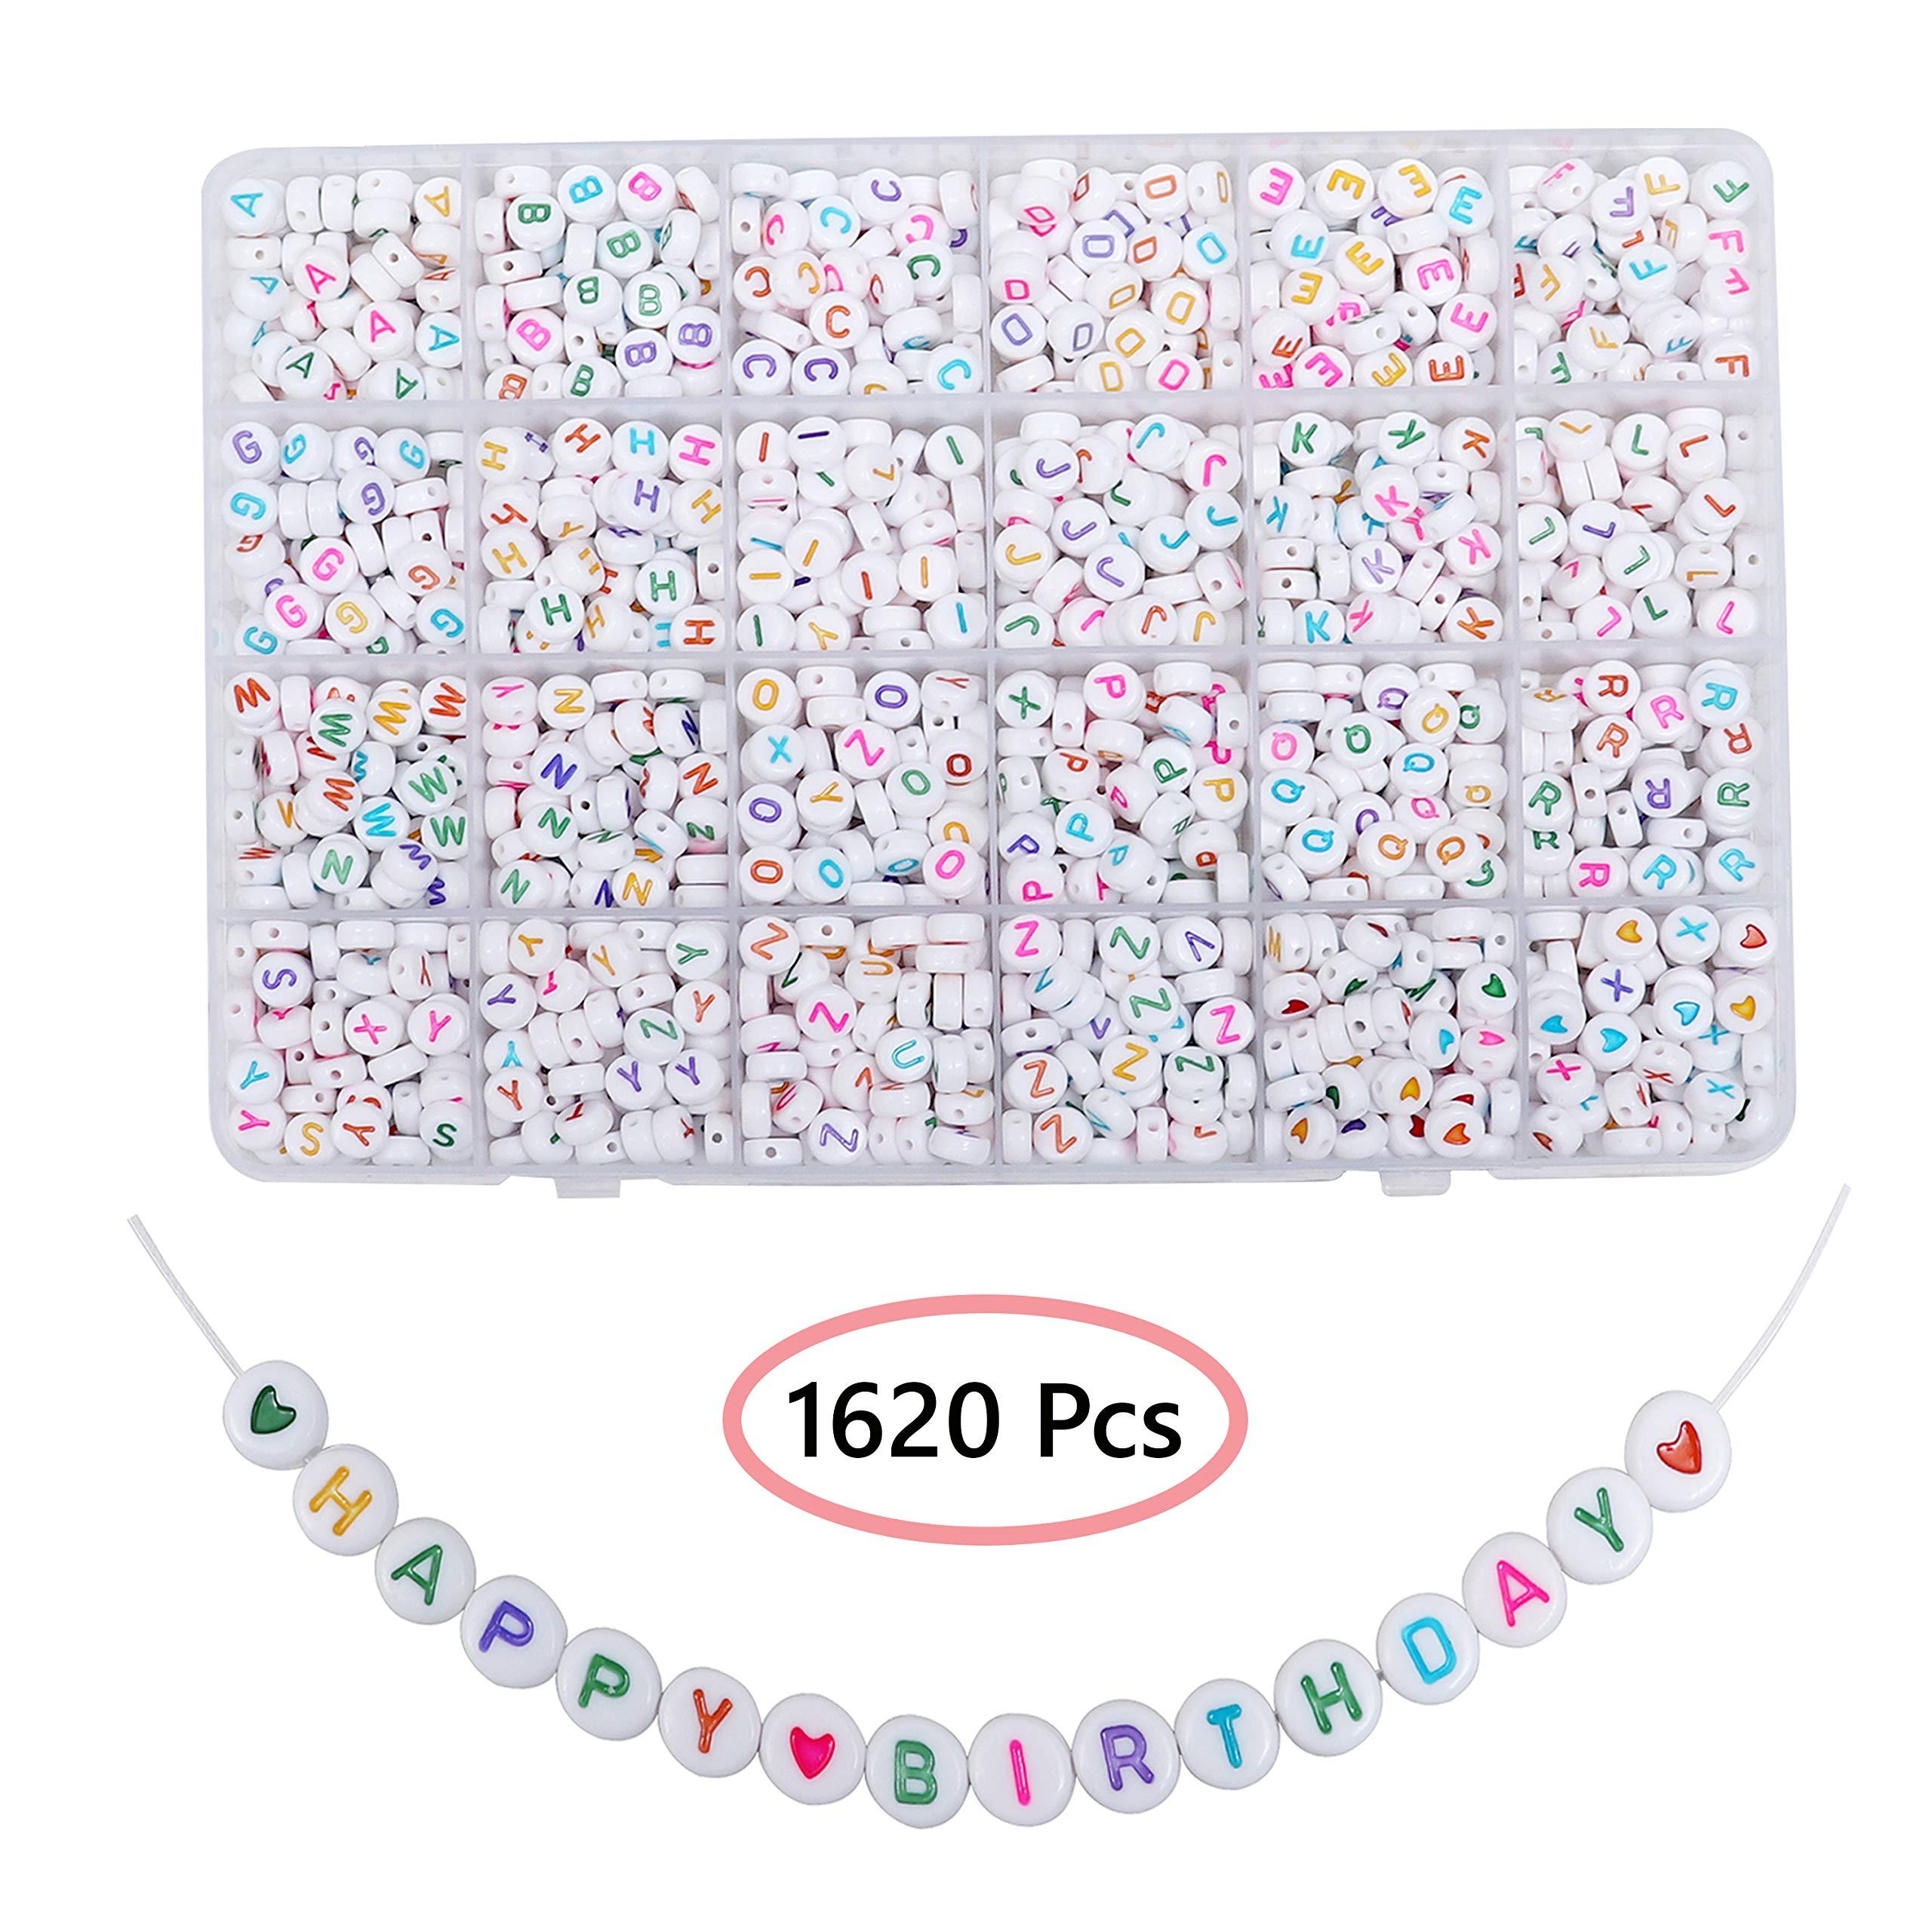 Abalorios de Plastico Alfabeto (A-Z) 1620 Piezas Cuentas Pulseras Redondas con Estuche para Almacenaje e Hilo - 6mm Abalorios Pulseras para Brazaletes, Hacer Joyas Abalorios Blancos Letras de Colores: Amazon.es: Hogar